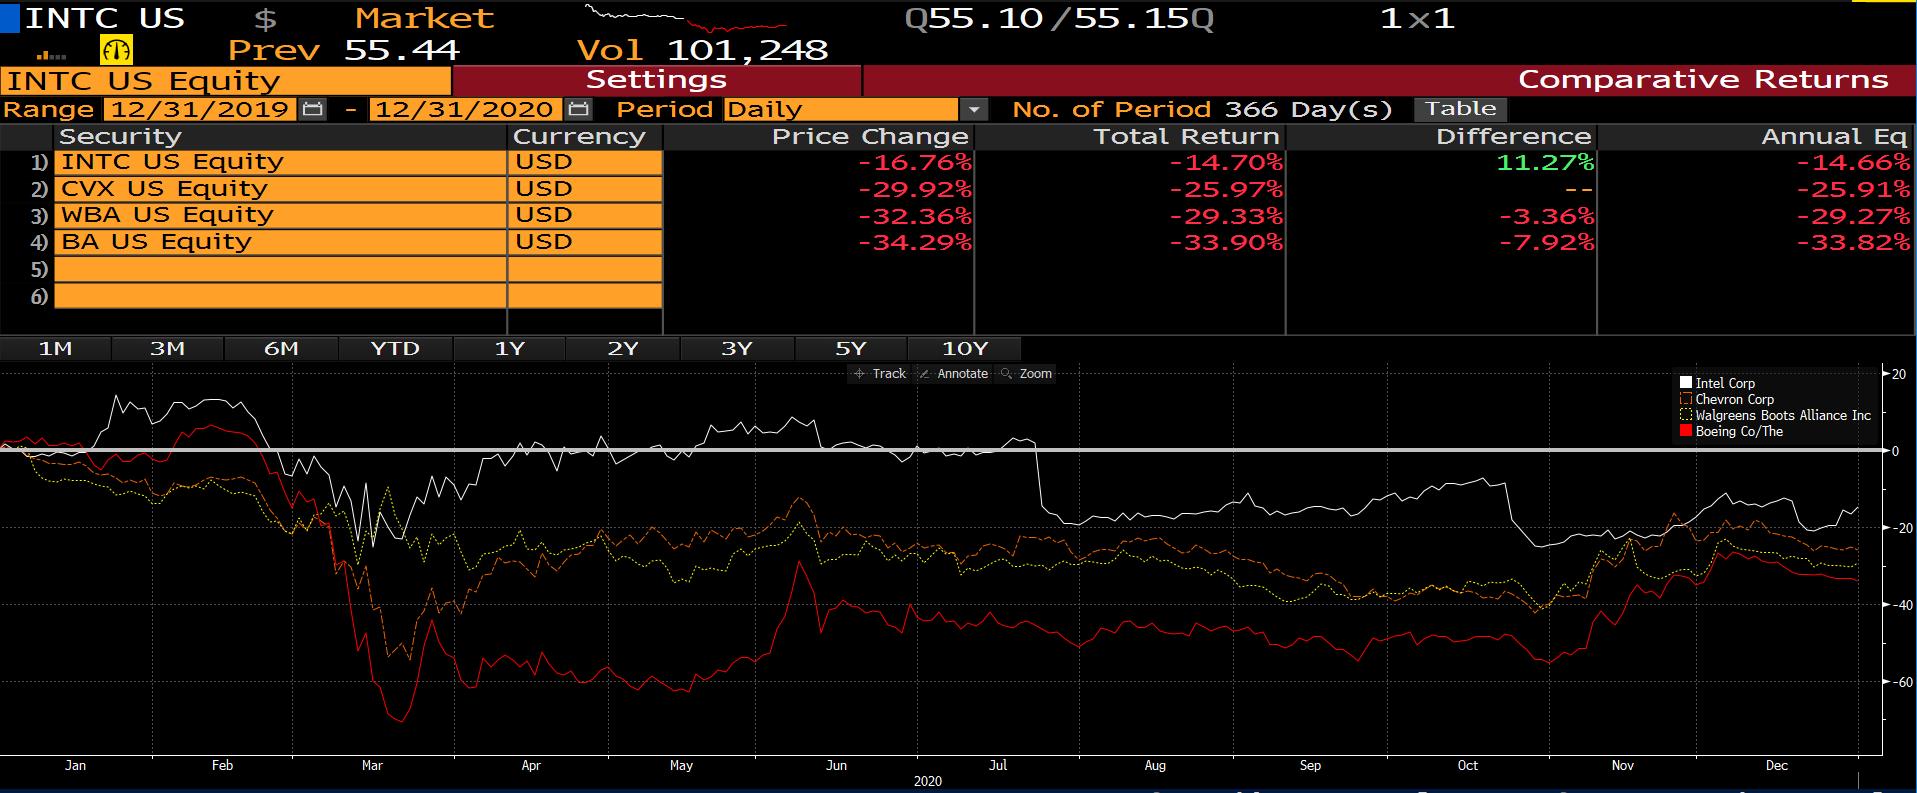 Dow Jones Bottom 4 Performers